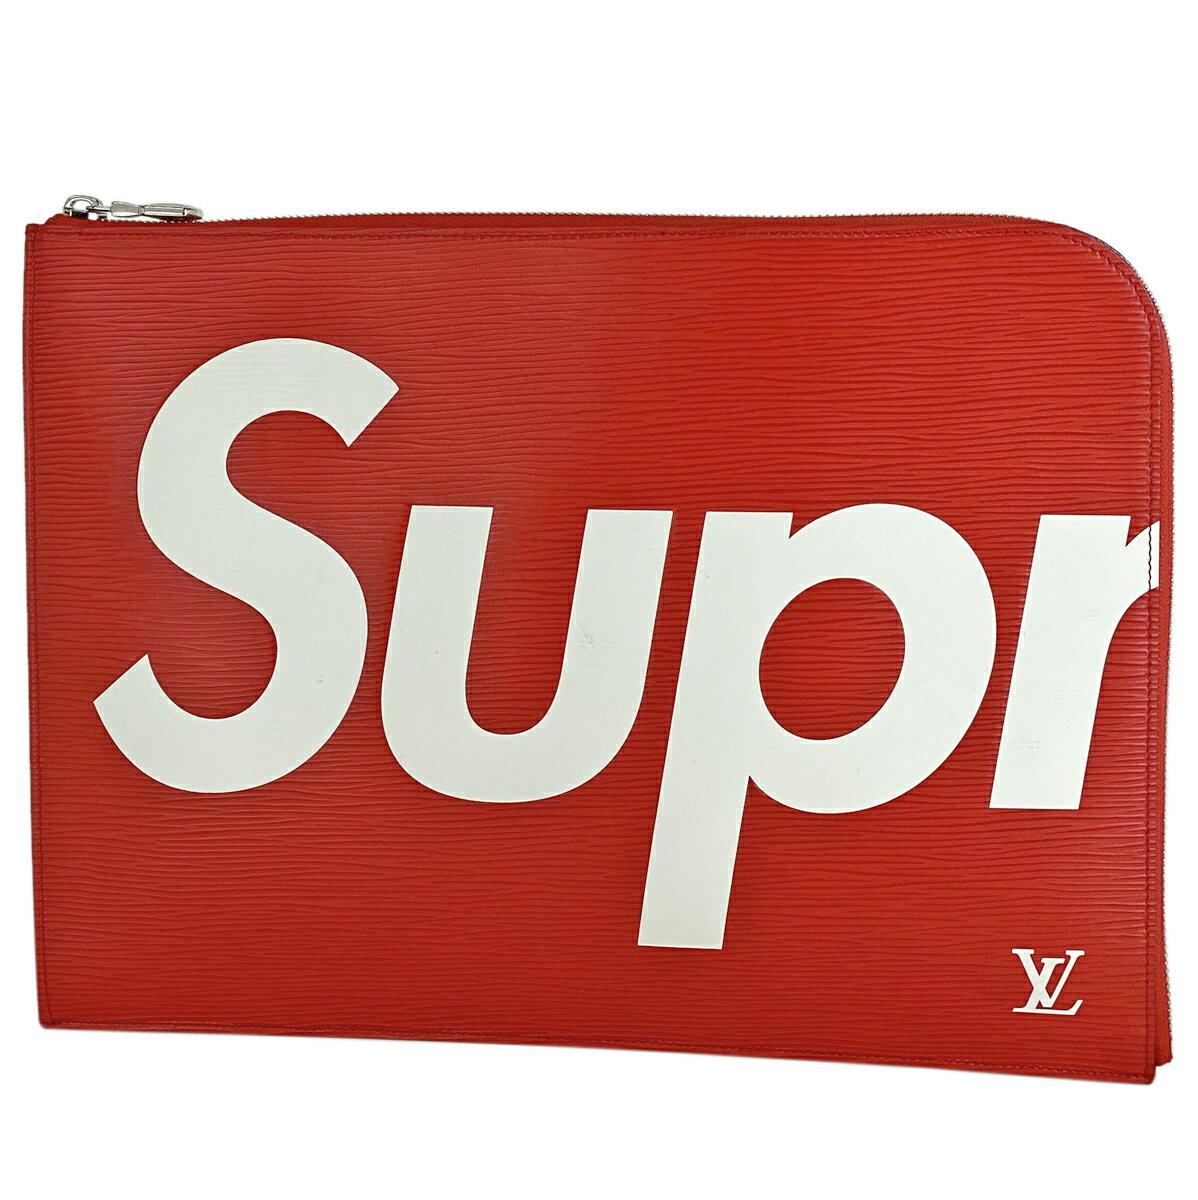 レディースバッグ, クラッチバッグ・セカンドバッグ 70OFF!921 20:00-926 1:59 23OFF Louis Vuitton GM Supreme M67722 msp29perb